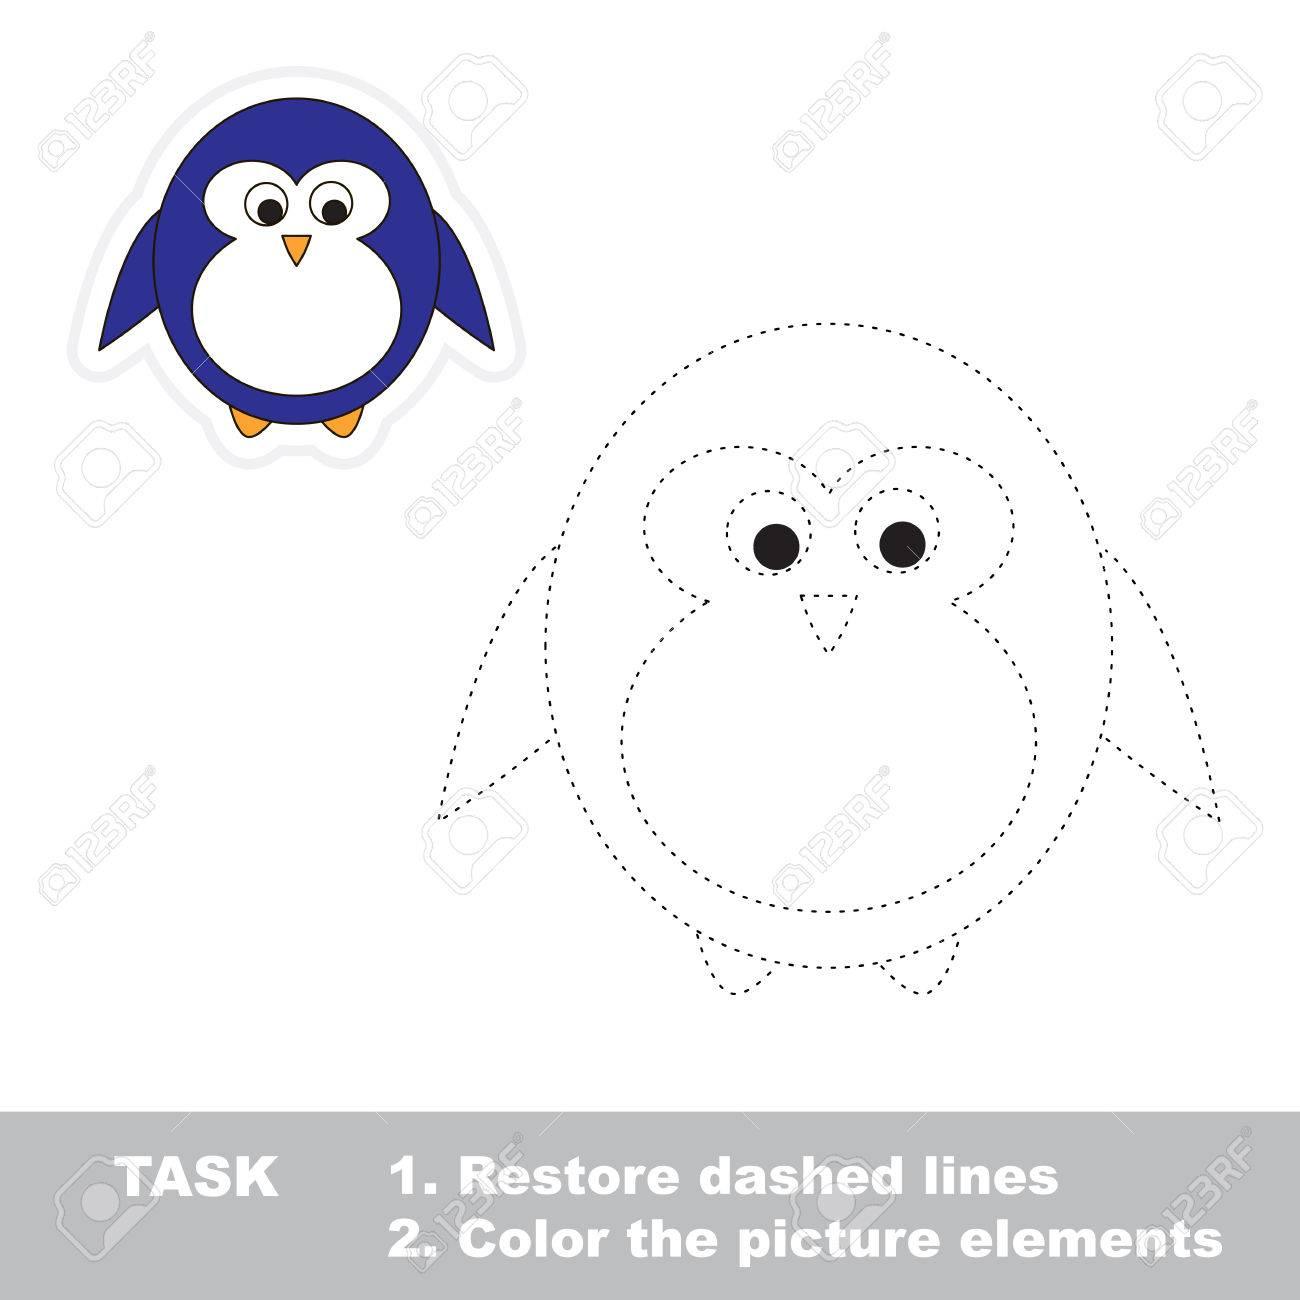 penguin restaurar línea discontinua y la imagen en color trazar